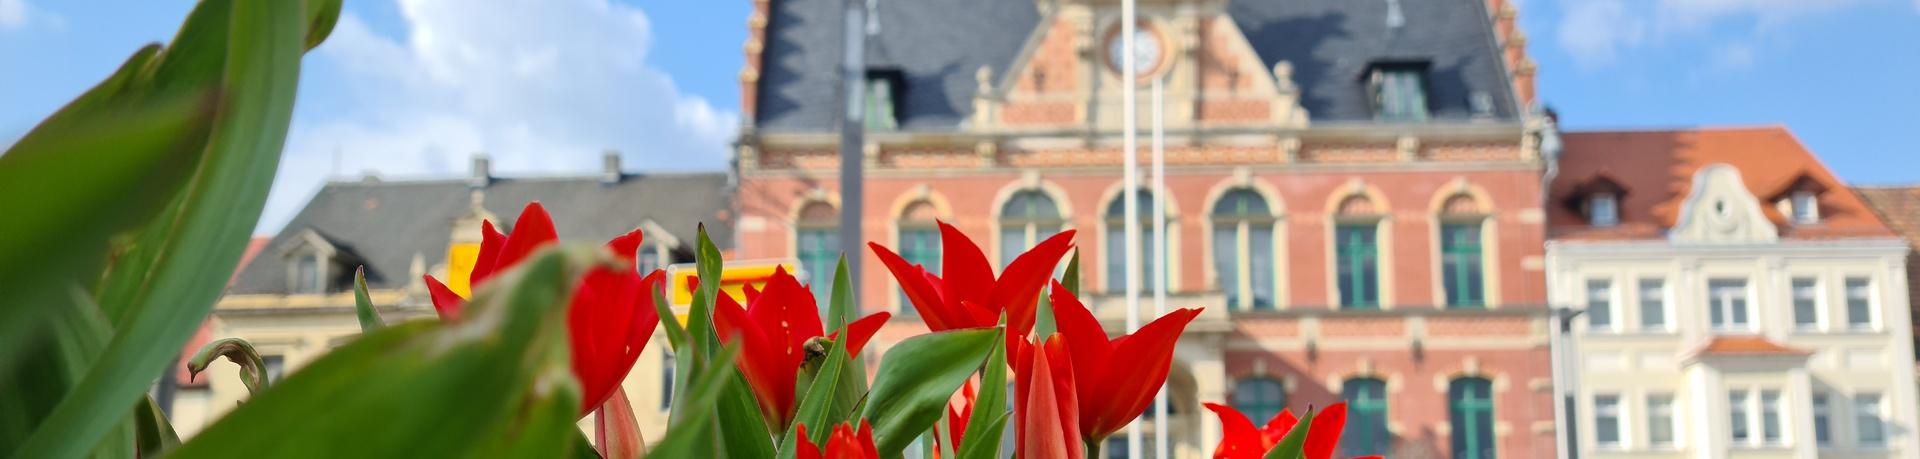 Rathaus Tulpen